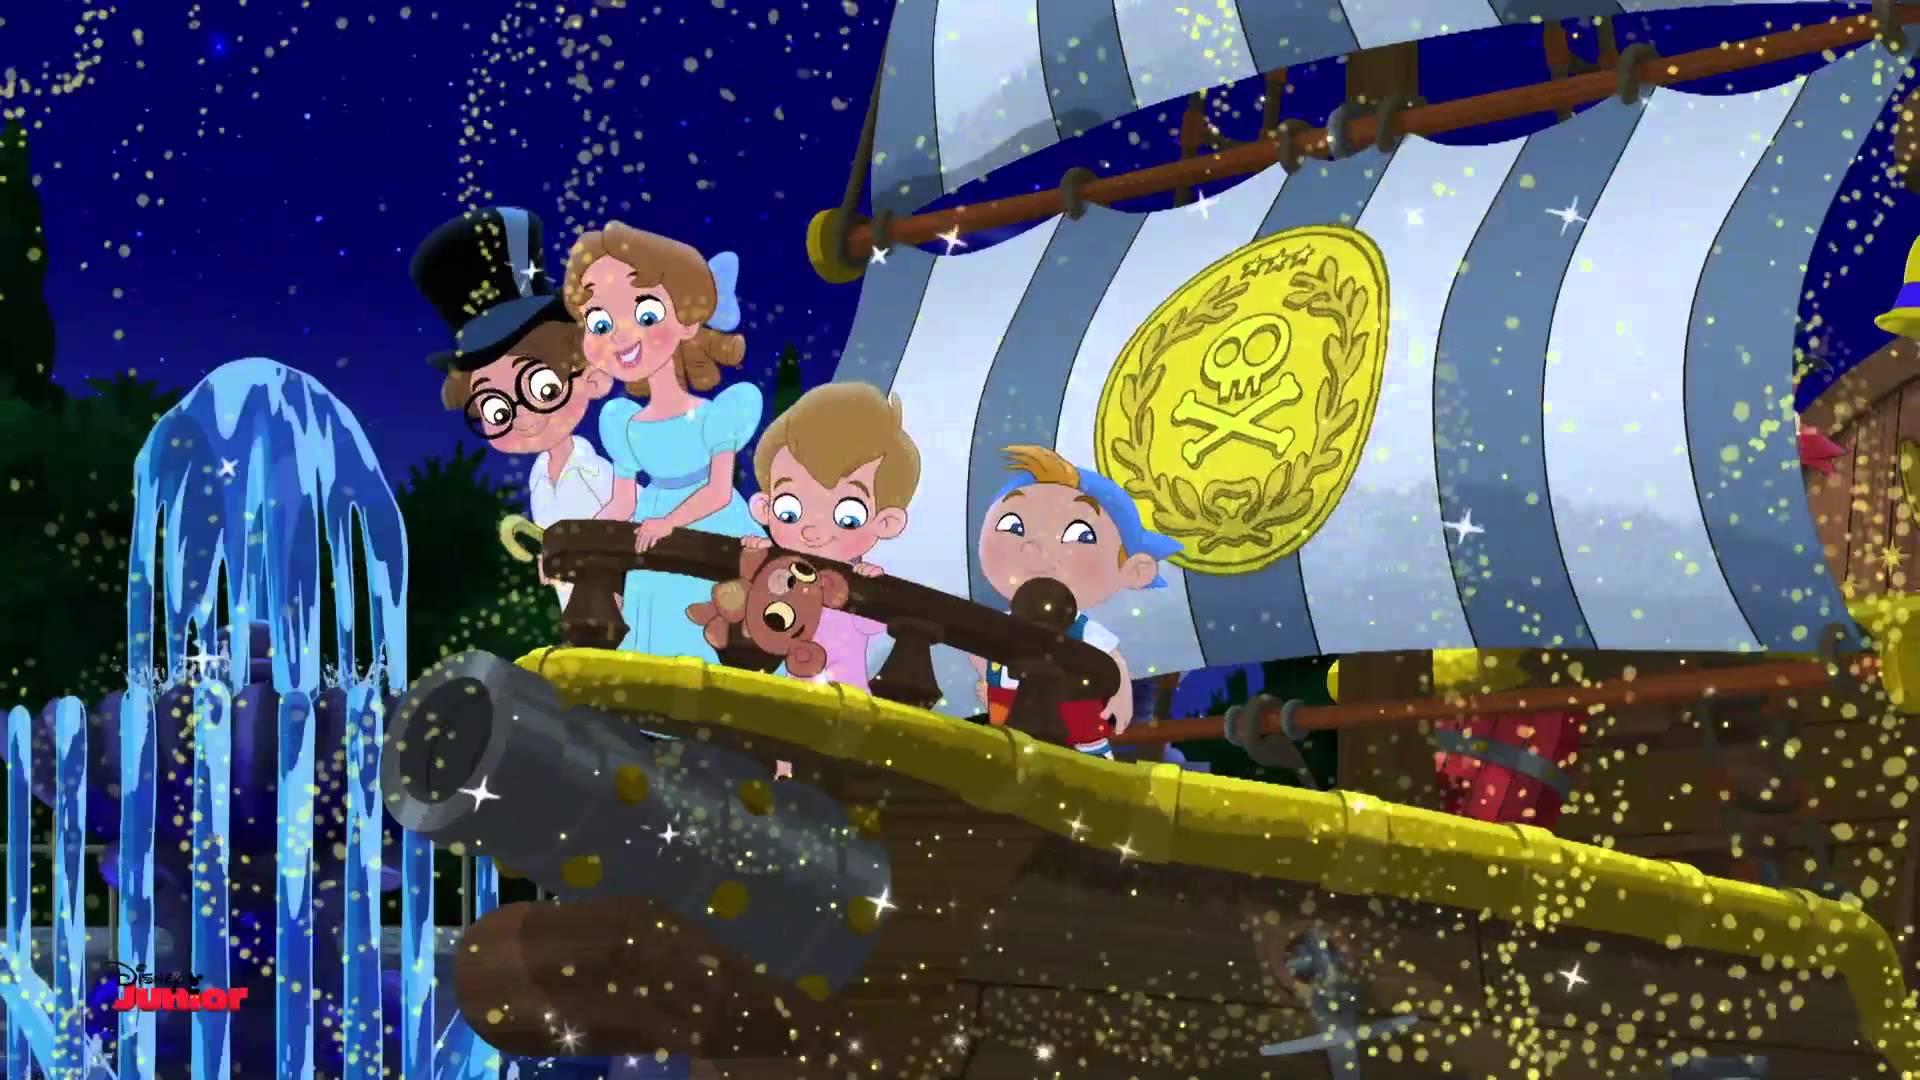 Jake et le Pirates du Pays imaginaire - A la poursuite du livre magique